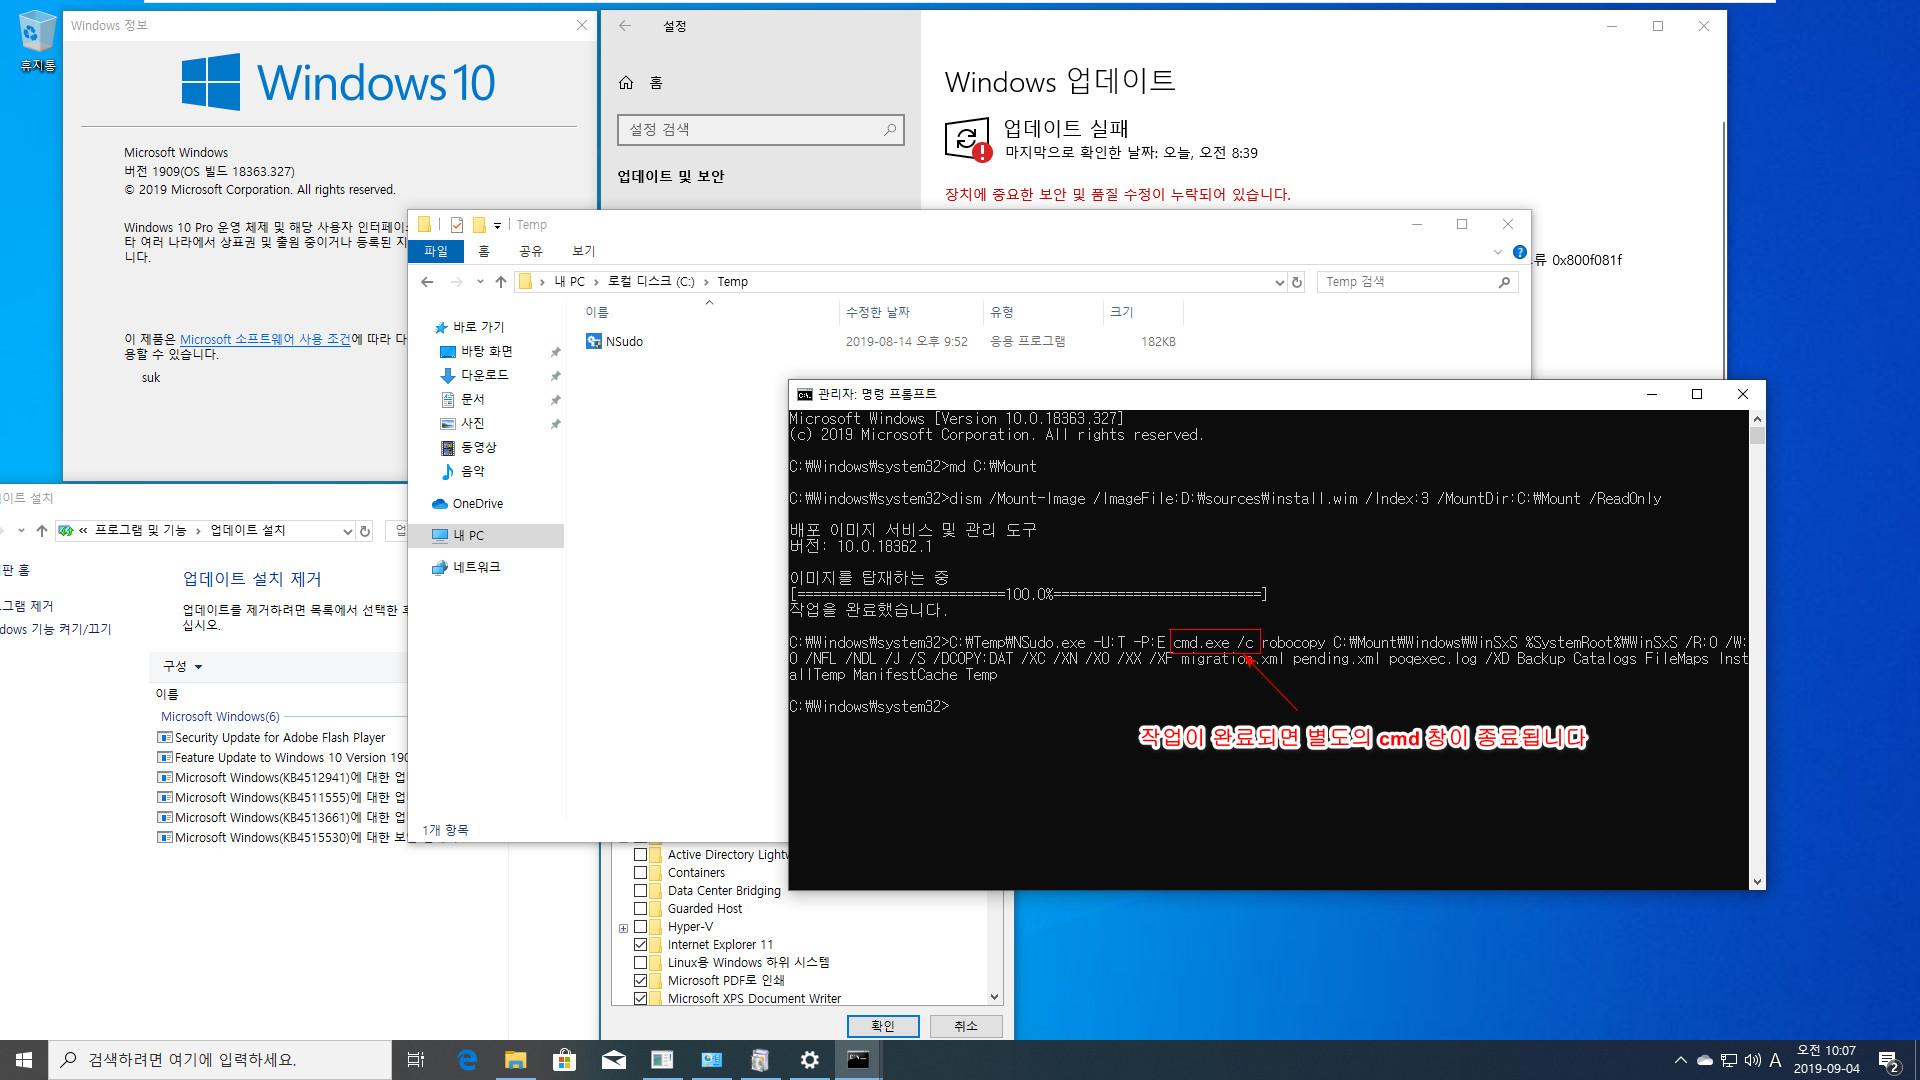 Windows 10 19H2 버전 1909 (OS 빌드 18363.327) 릴리스 프리뷰 - ms 에서 배포한 iso - 설치 테스트 - ms 계정으로 릴리스 프리뷰로 윈도 업데이트 - 그래도 18363.329 누적 업데이트 KB4512941 설치 실패 - MDL 사이트의 조금 난해한 방법 시도 2019-09-04_100704.jpg